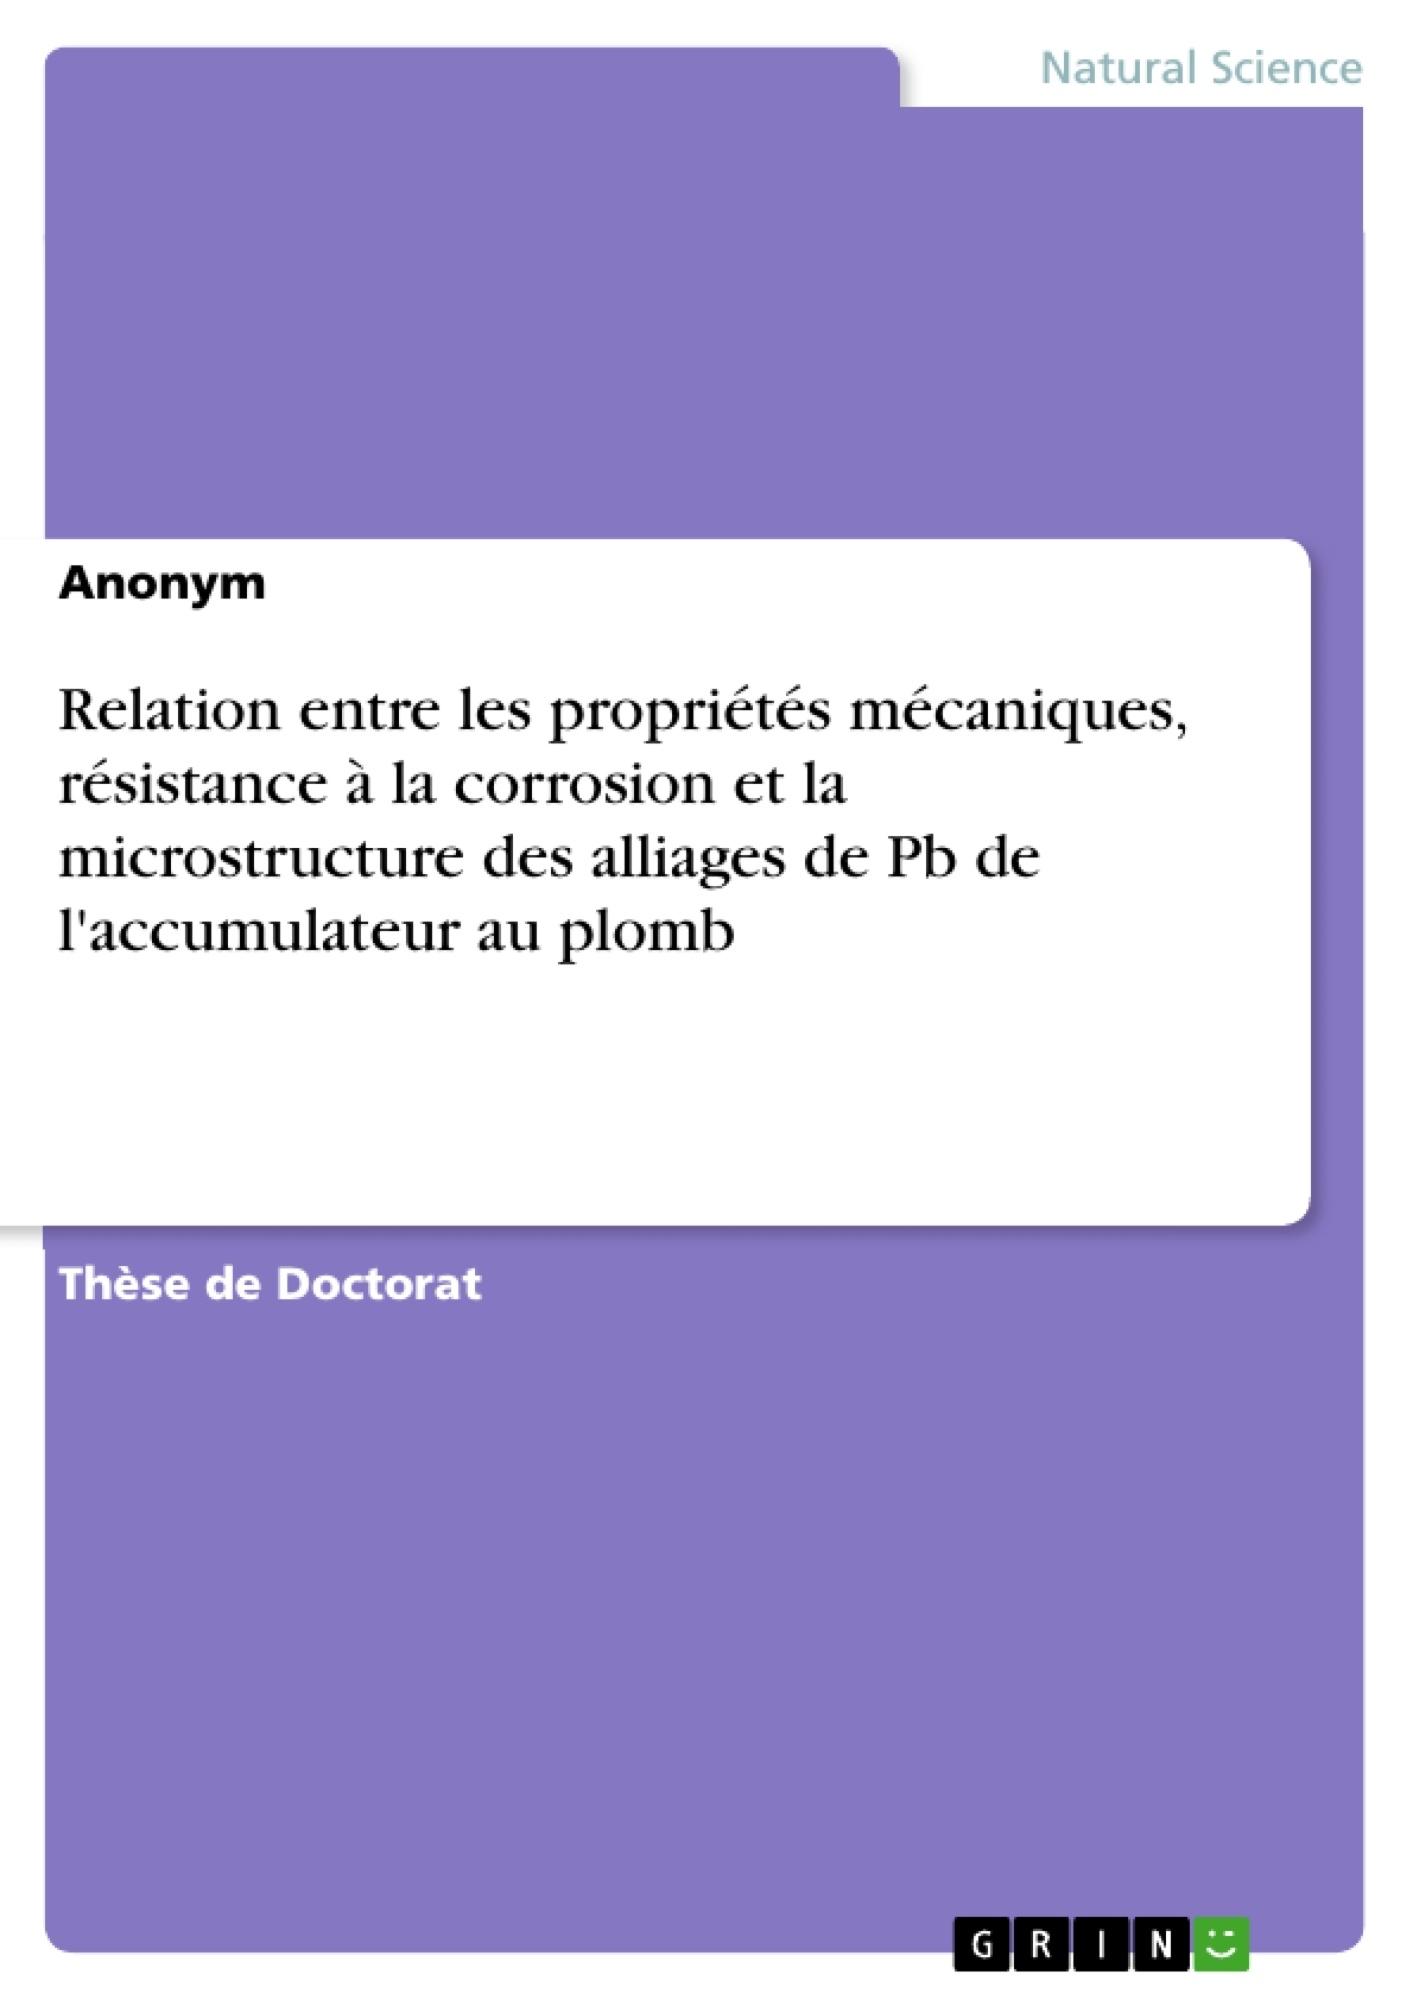 Titre: Relation entre les propriétés mécaniques, résistance à la corrosion et la microstructure des alliages de Pb de l'accumulateur au plomb